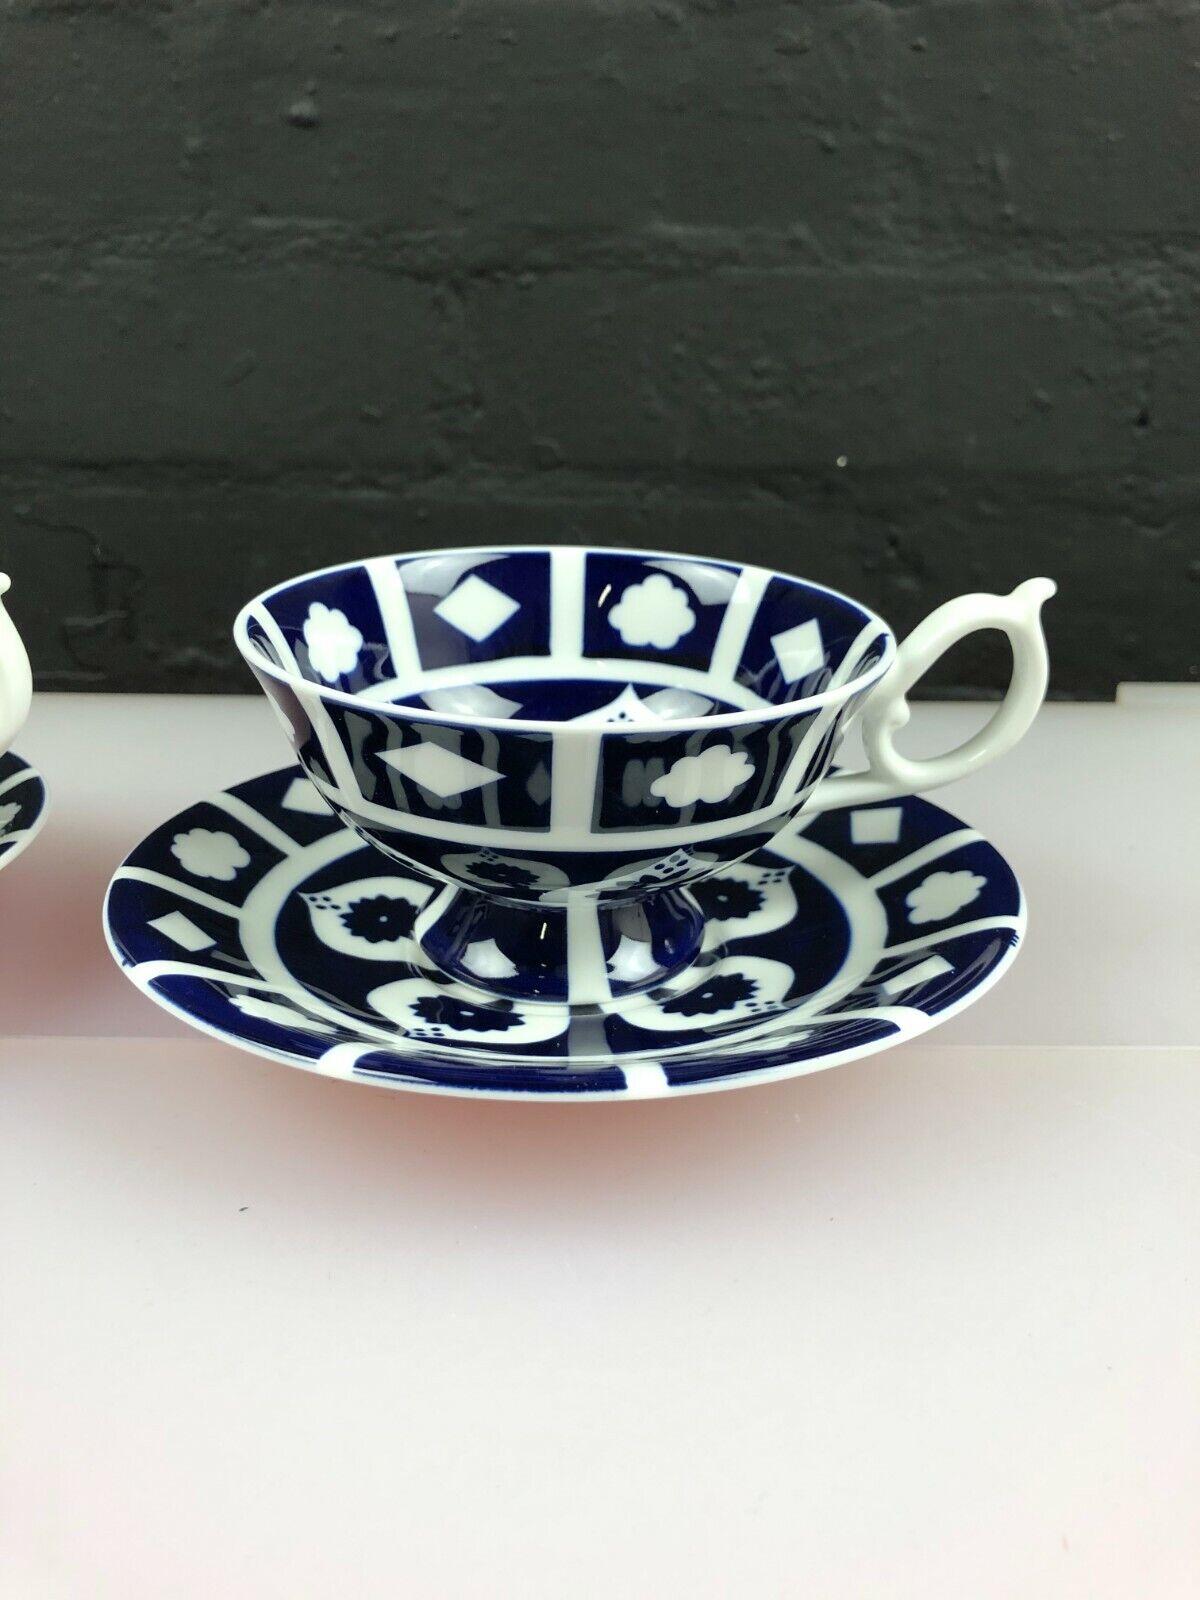 Image 2 - 2 x Royal Crown Derby Unfinished Imari 1128 Elizabeth Tea Cups & Saucers 5 Sets